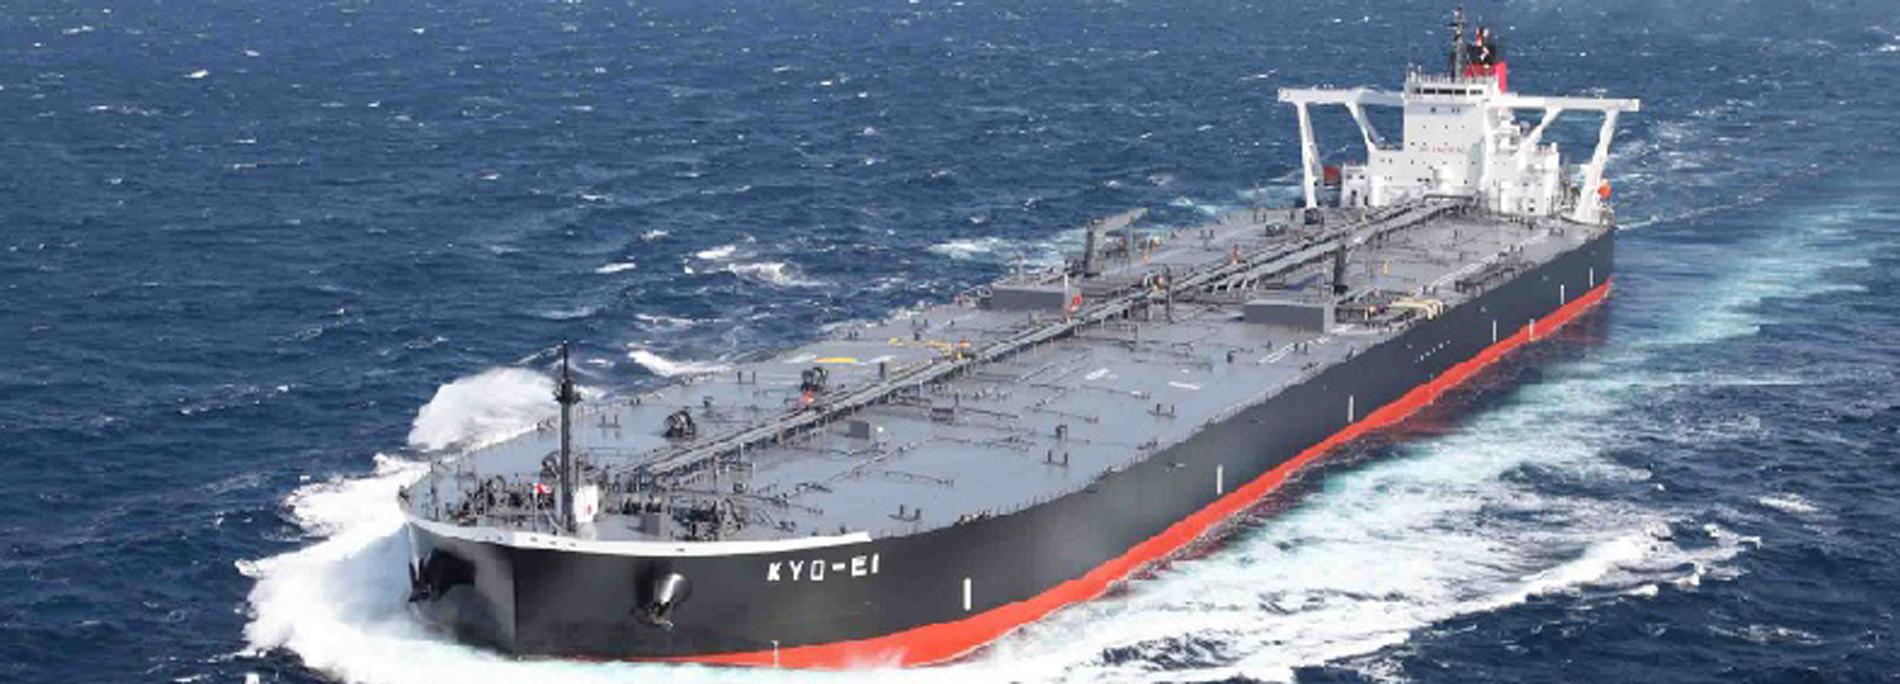 2014年就航のVLCCです。長さ335m、重量トン313,900MT、ディーゼル主機関26,750KW(資料提供 共栄タンカー(不許複製))